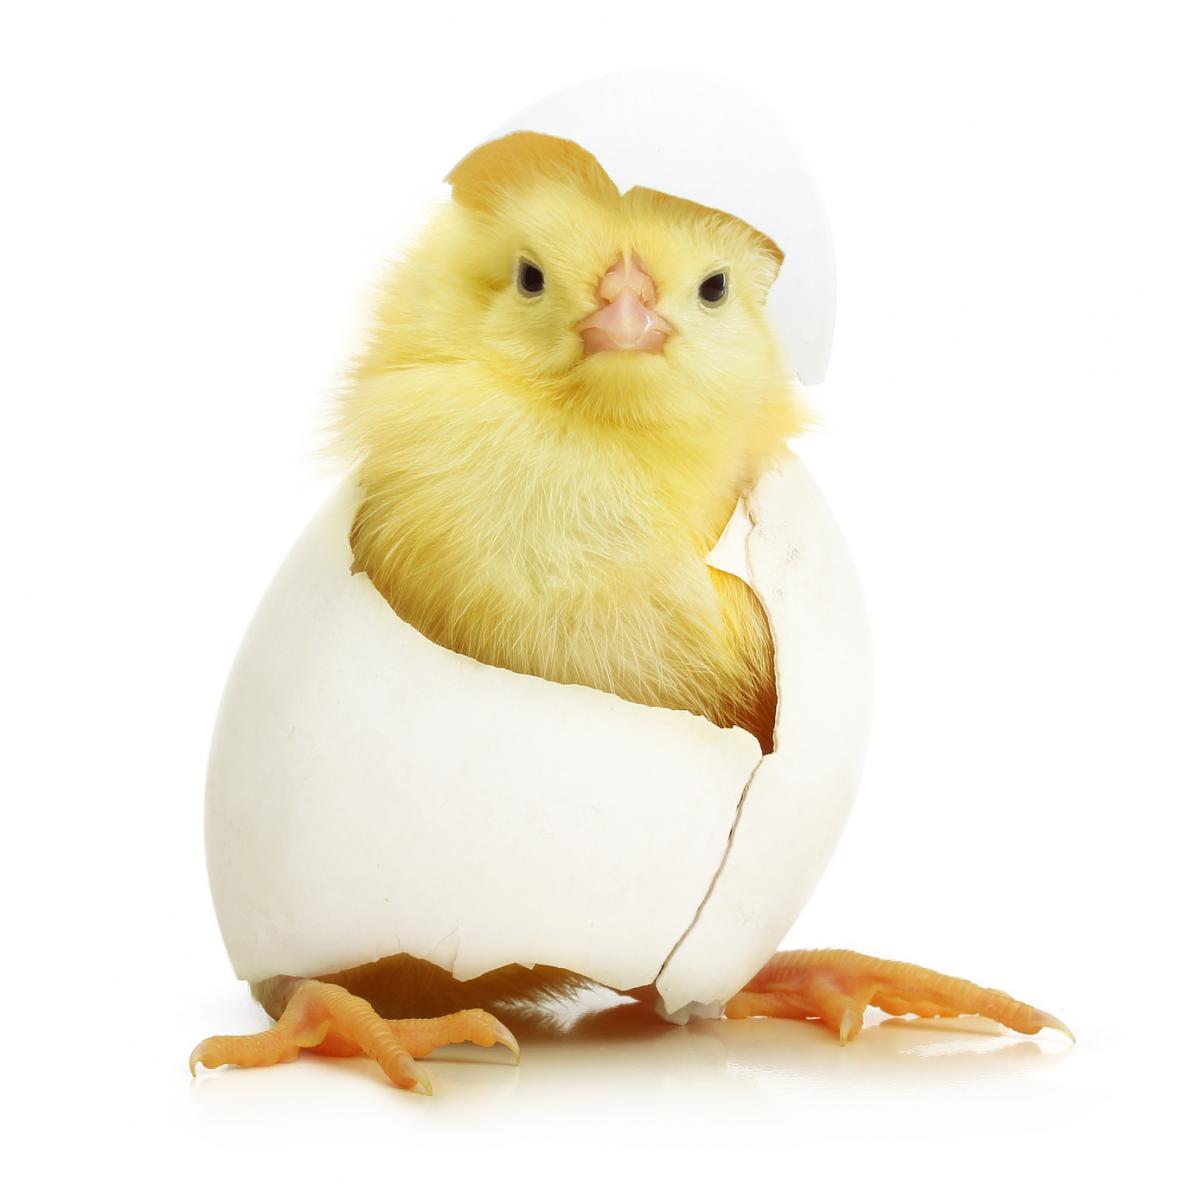 Cute Easter Egg Wallpaper Appuntamenti Con L Infinito N 1 Math Is In The Air